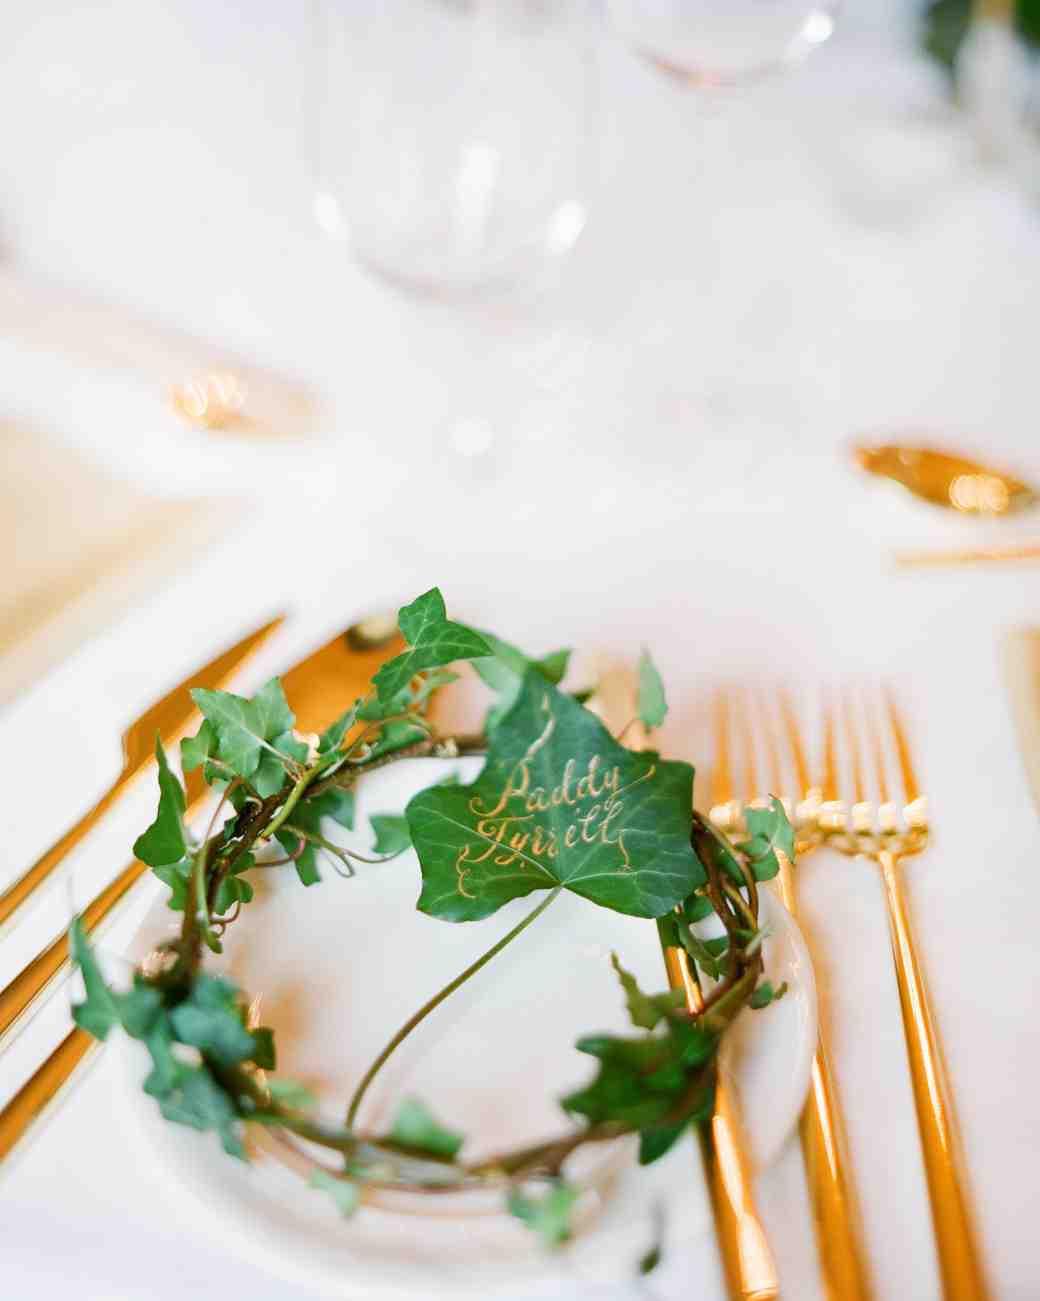 jo-andrew-wedding-ireland-0686-s112147_vert